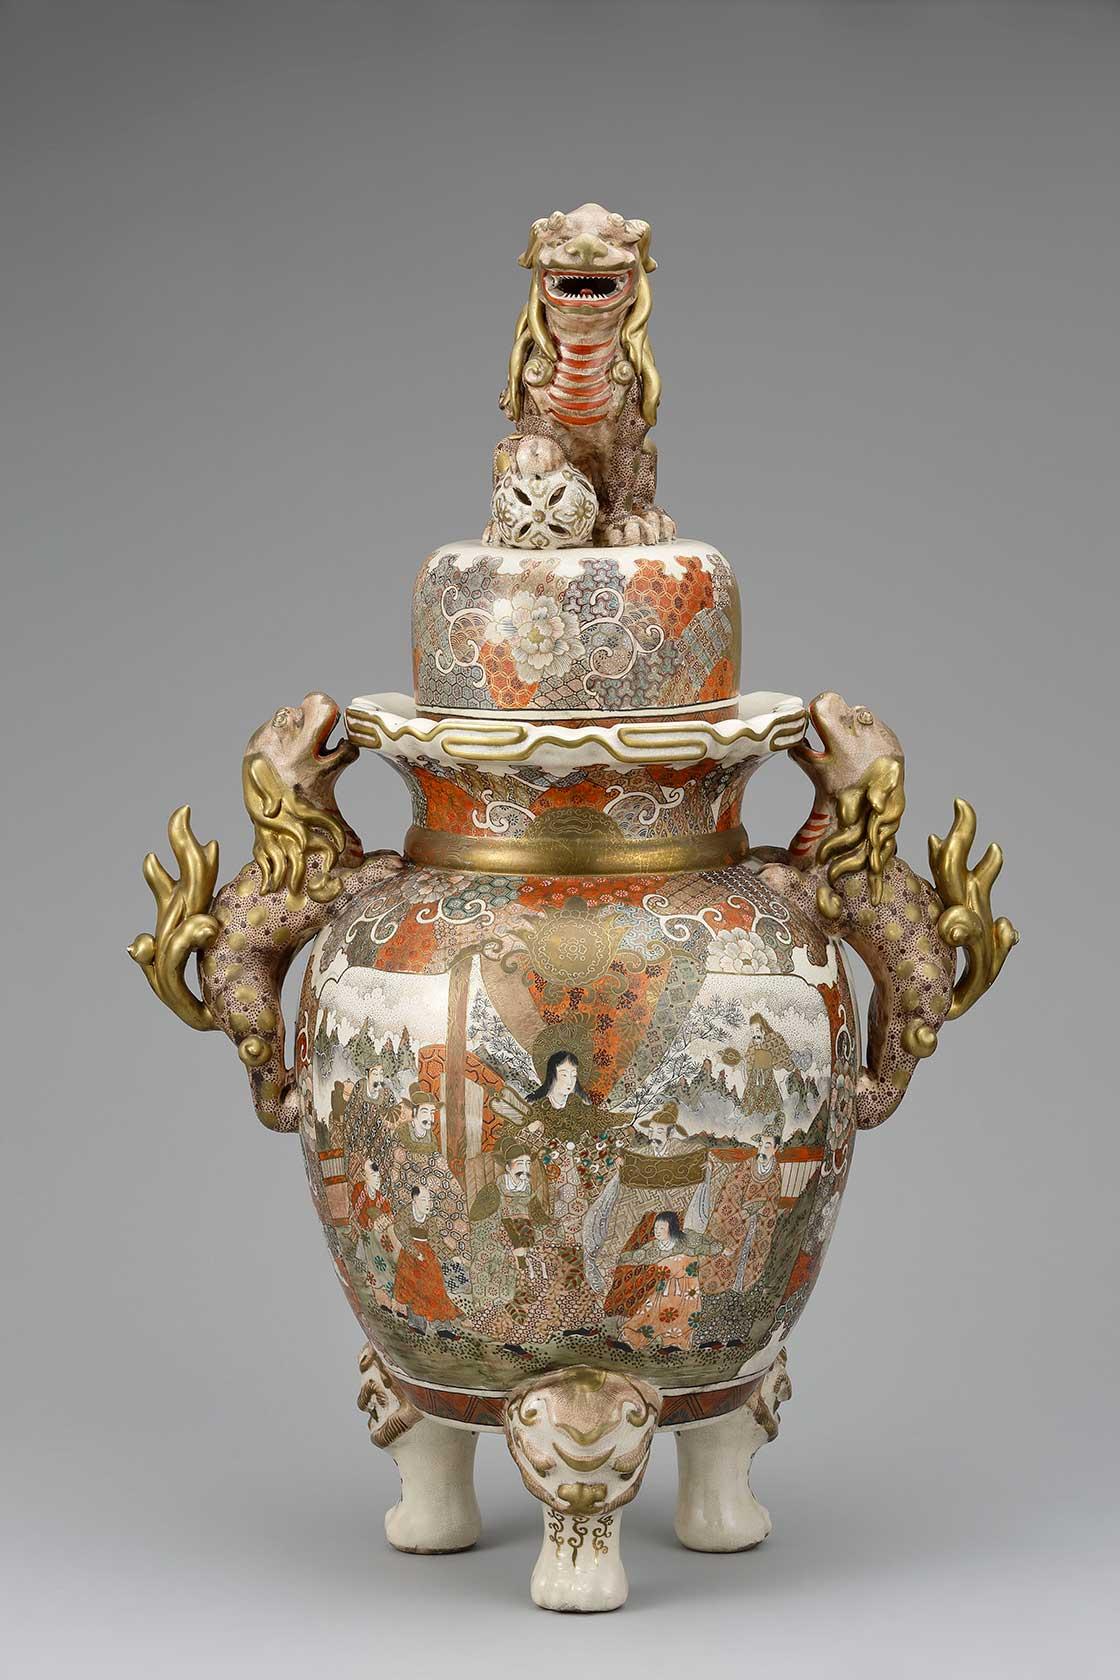 上絵金彩人物図獅子鈕飾壺(京薩摩)